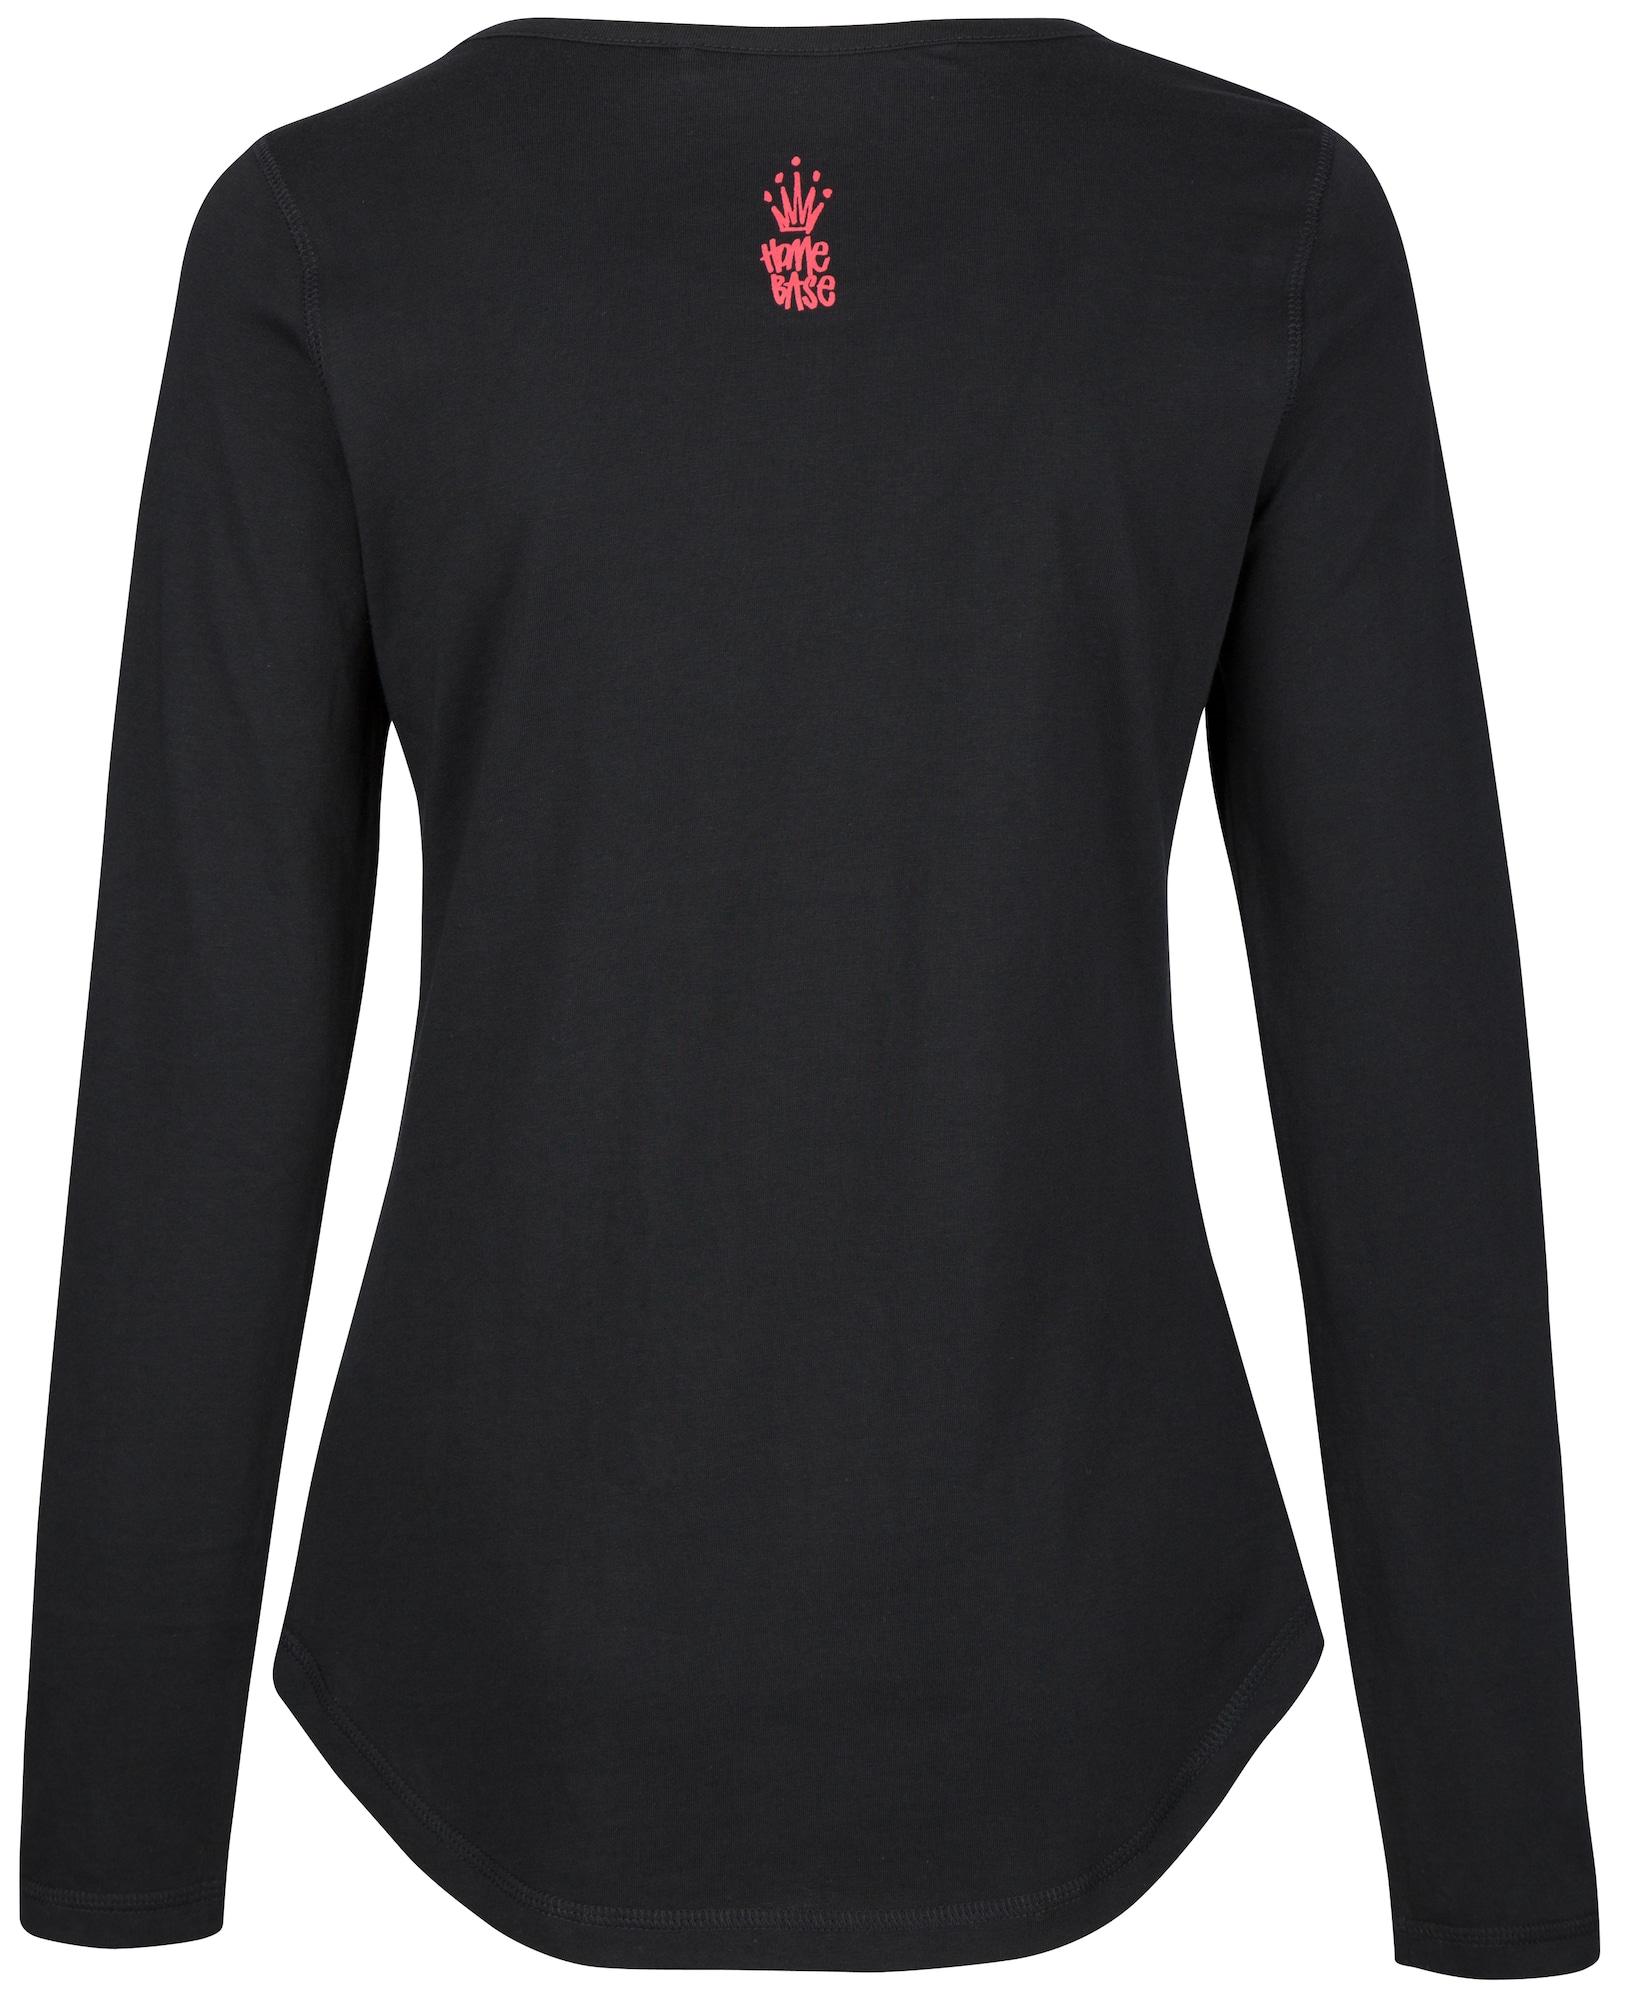 HOMEBASE, Damen Shirt Brandalised by Homebase, zwart